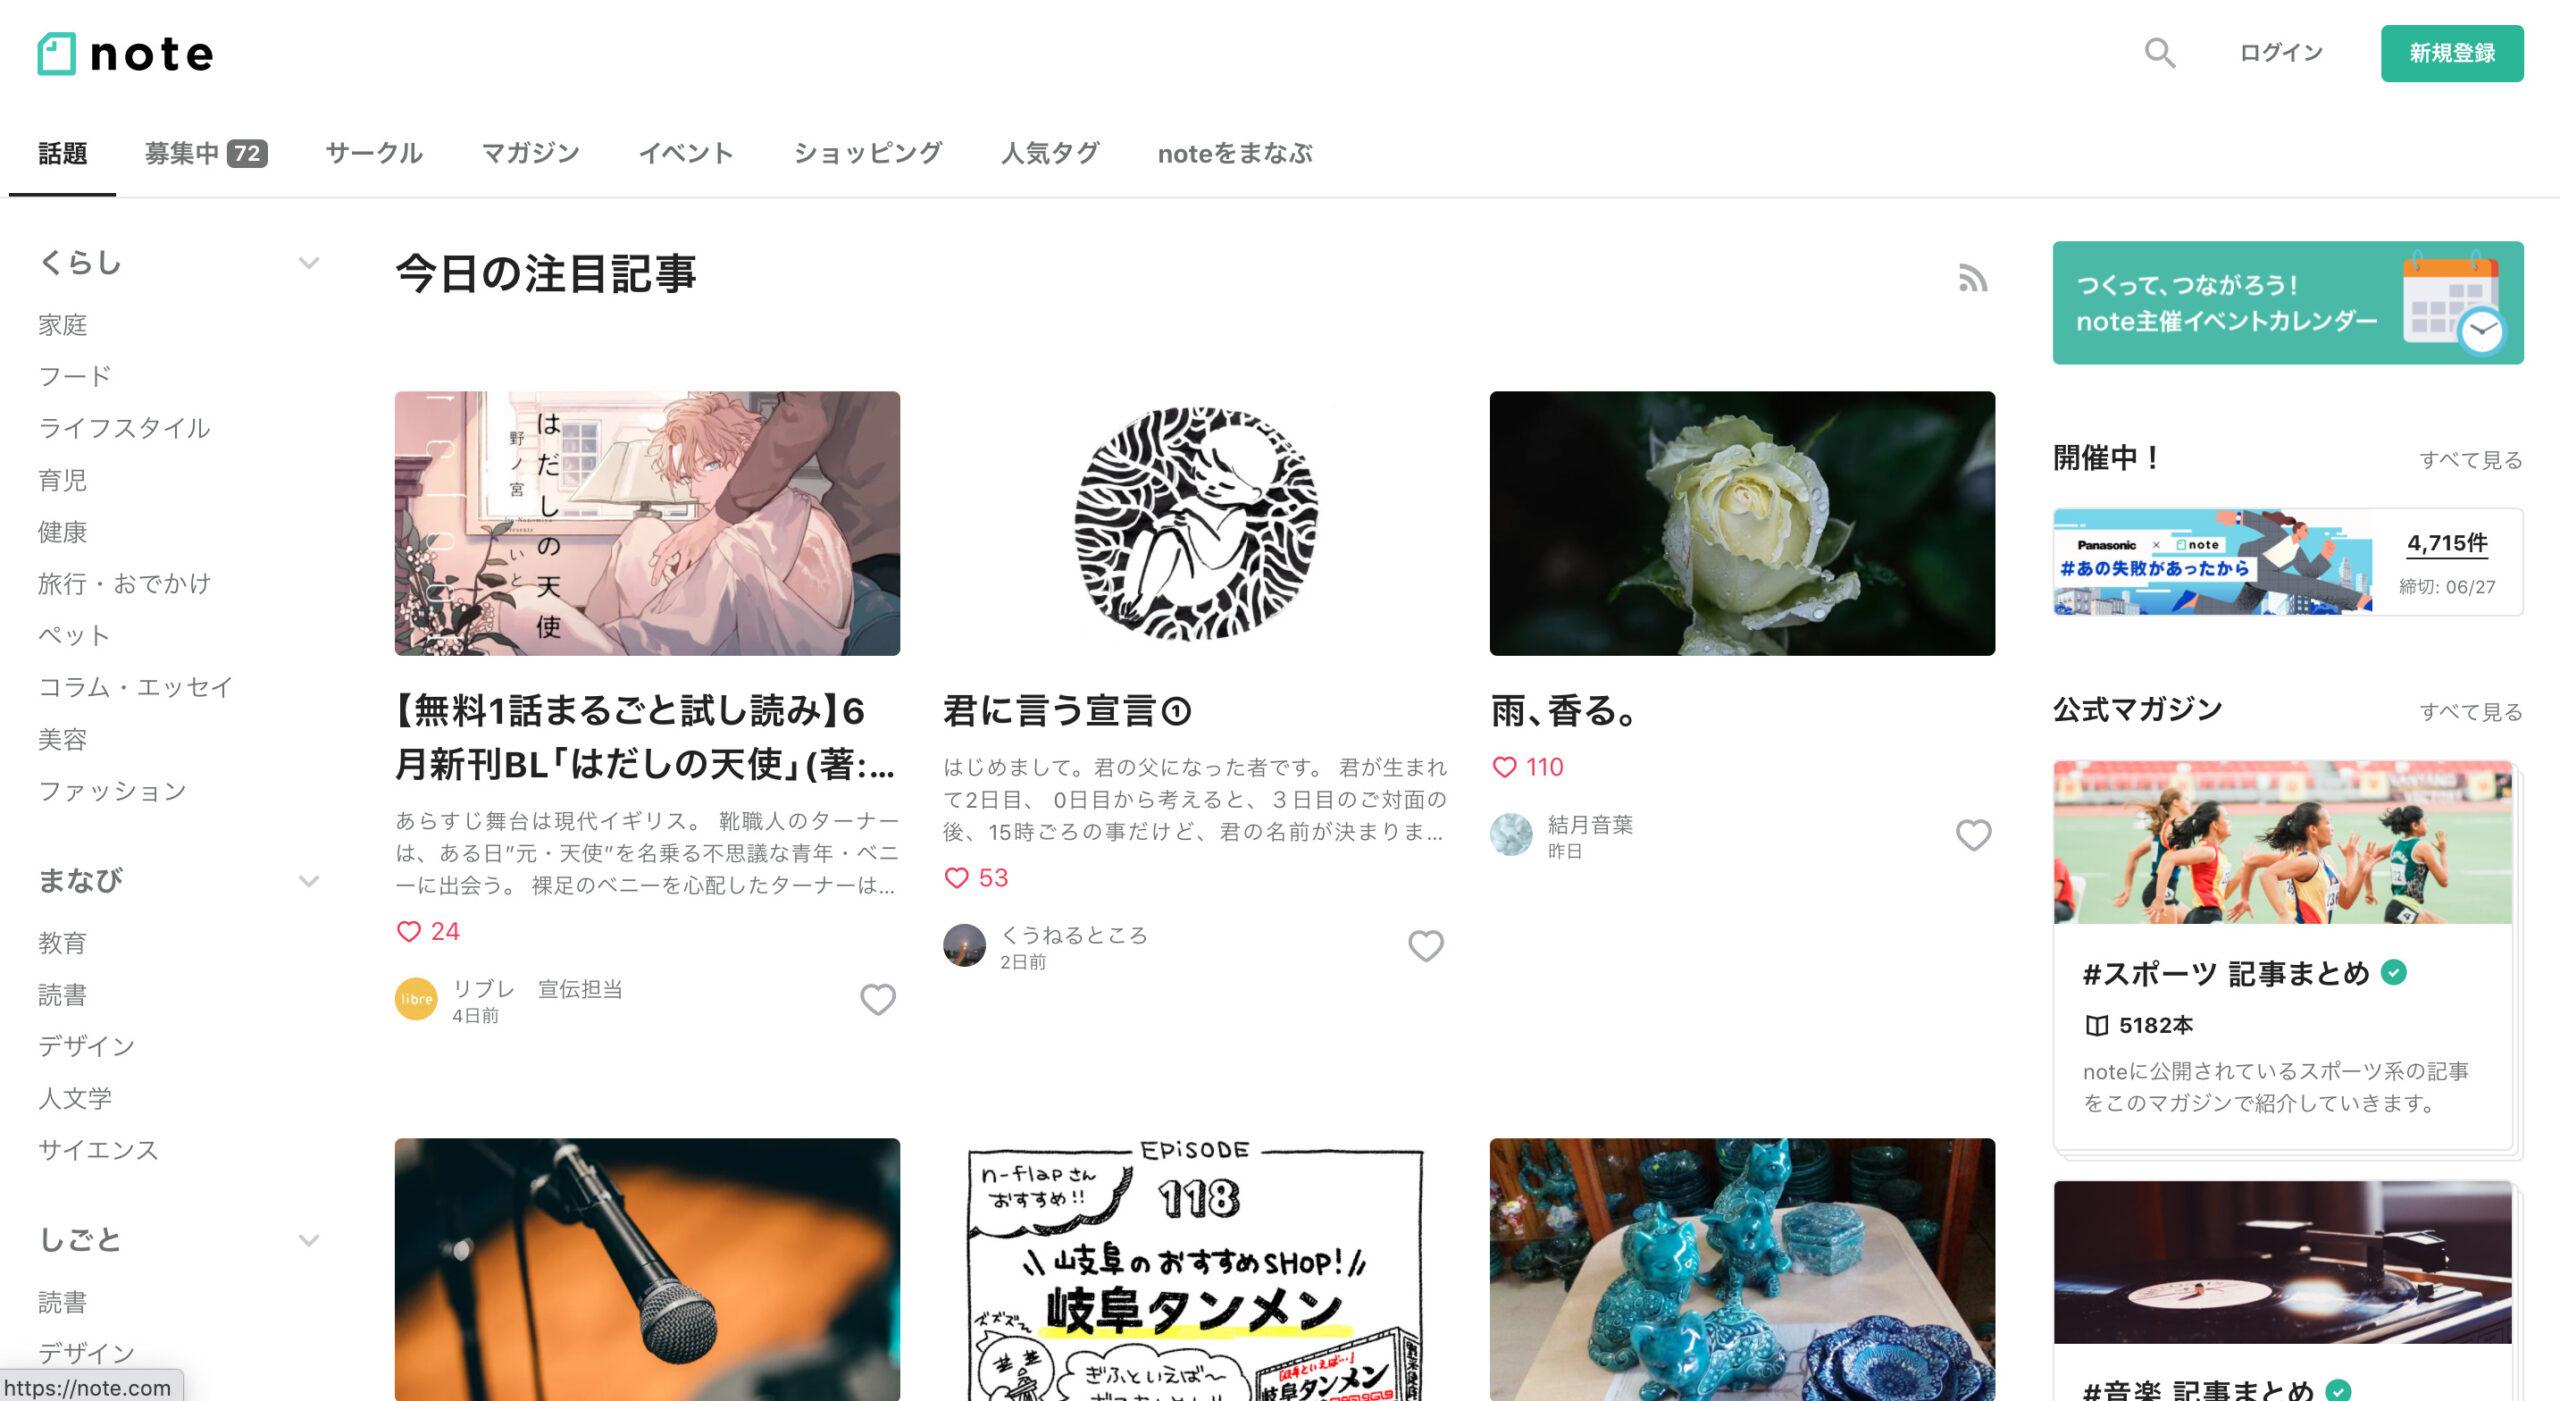 note公式サイトのトップページ